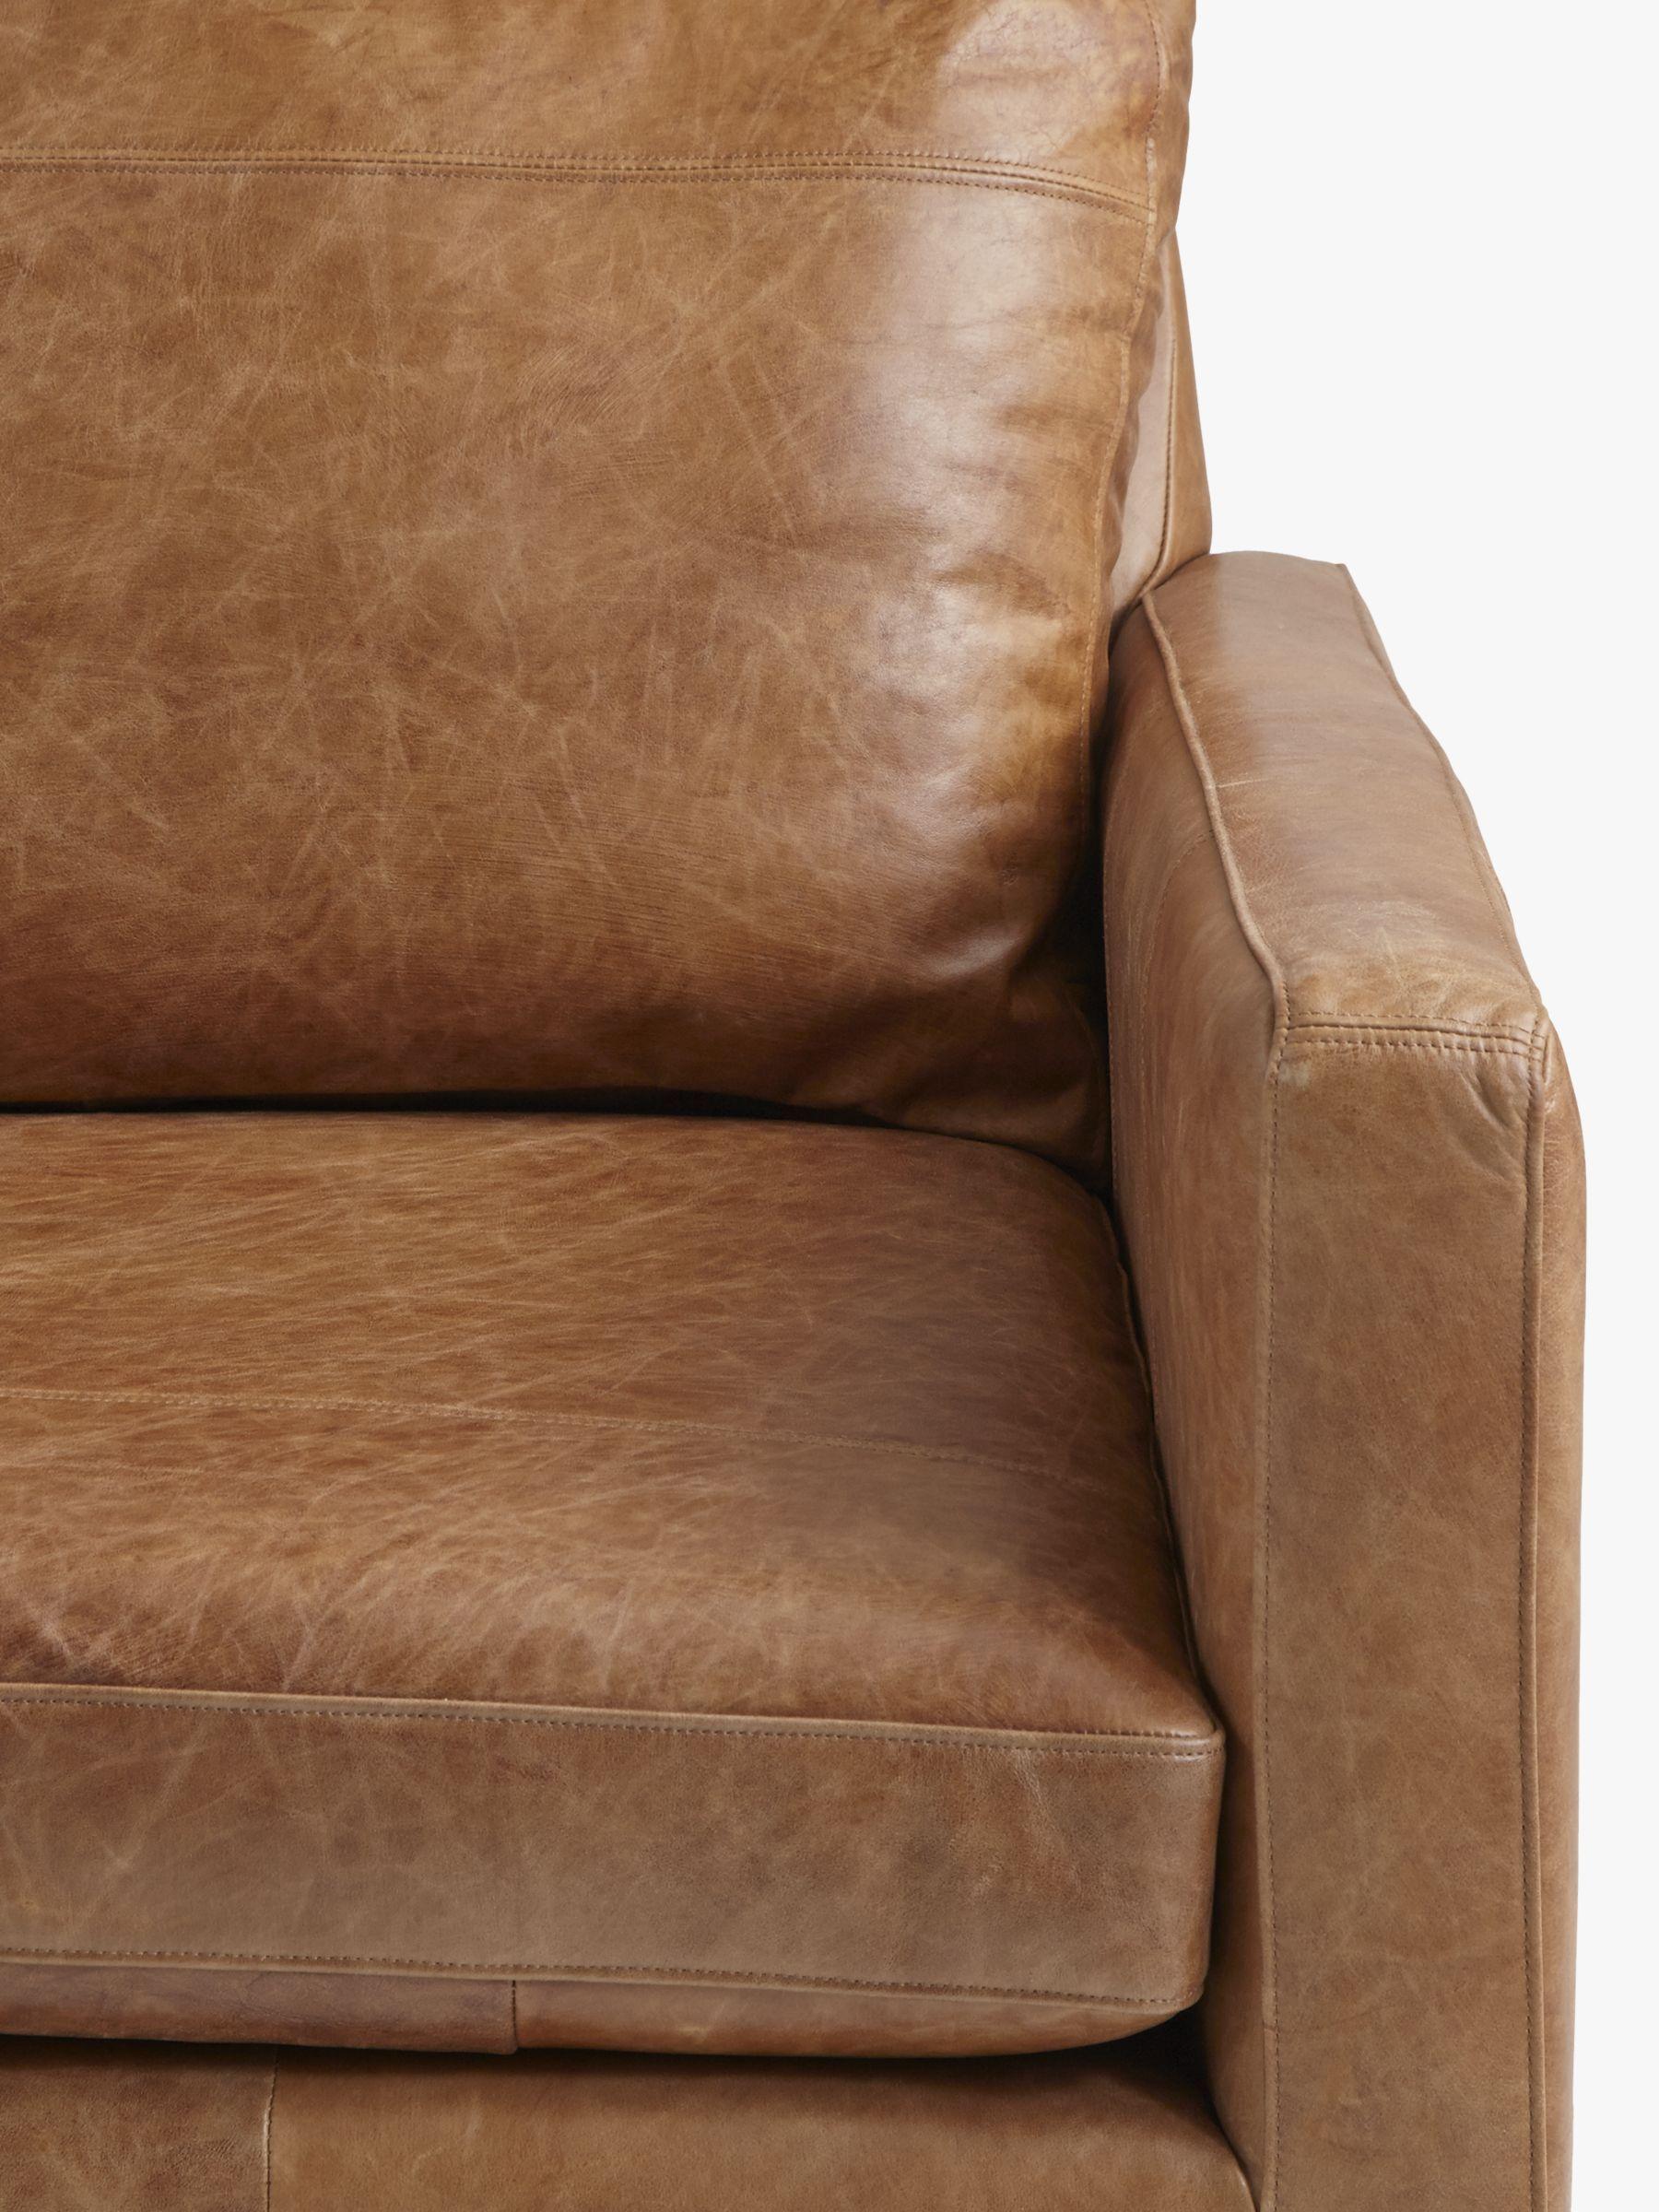 Medium 2 Seater Leather Sofa Dark